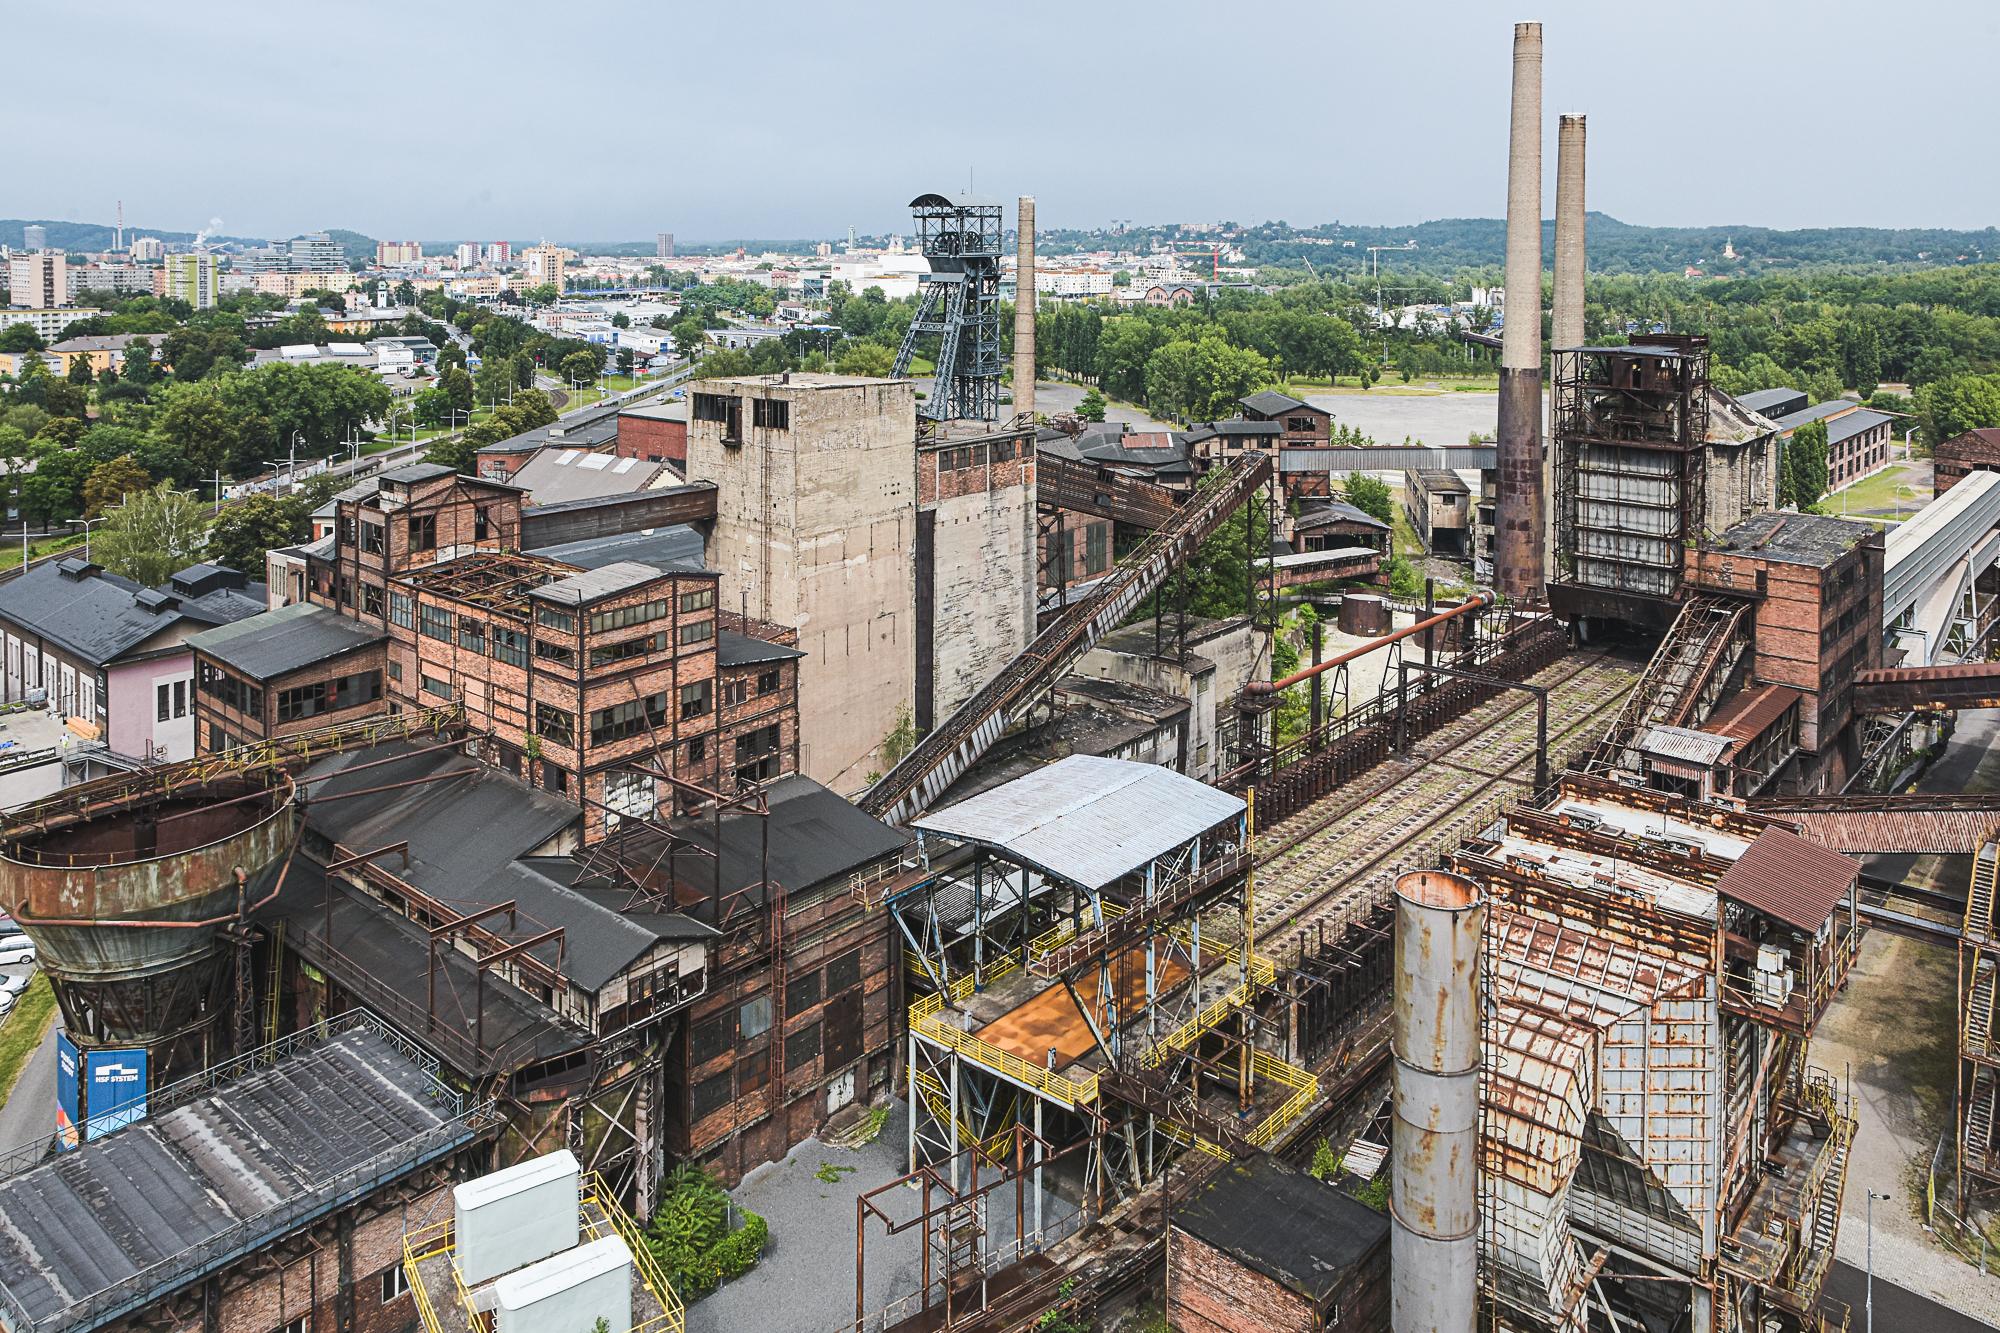 Architettura industriale di Vitkovice